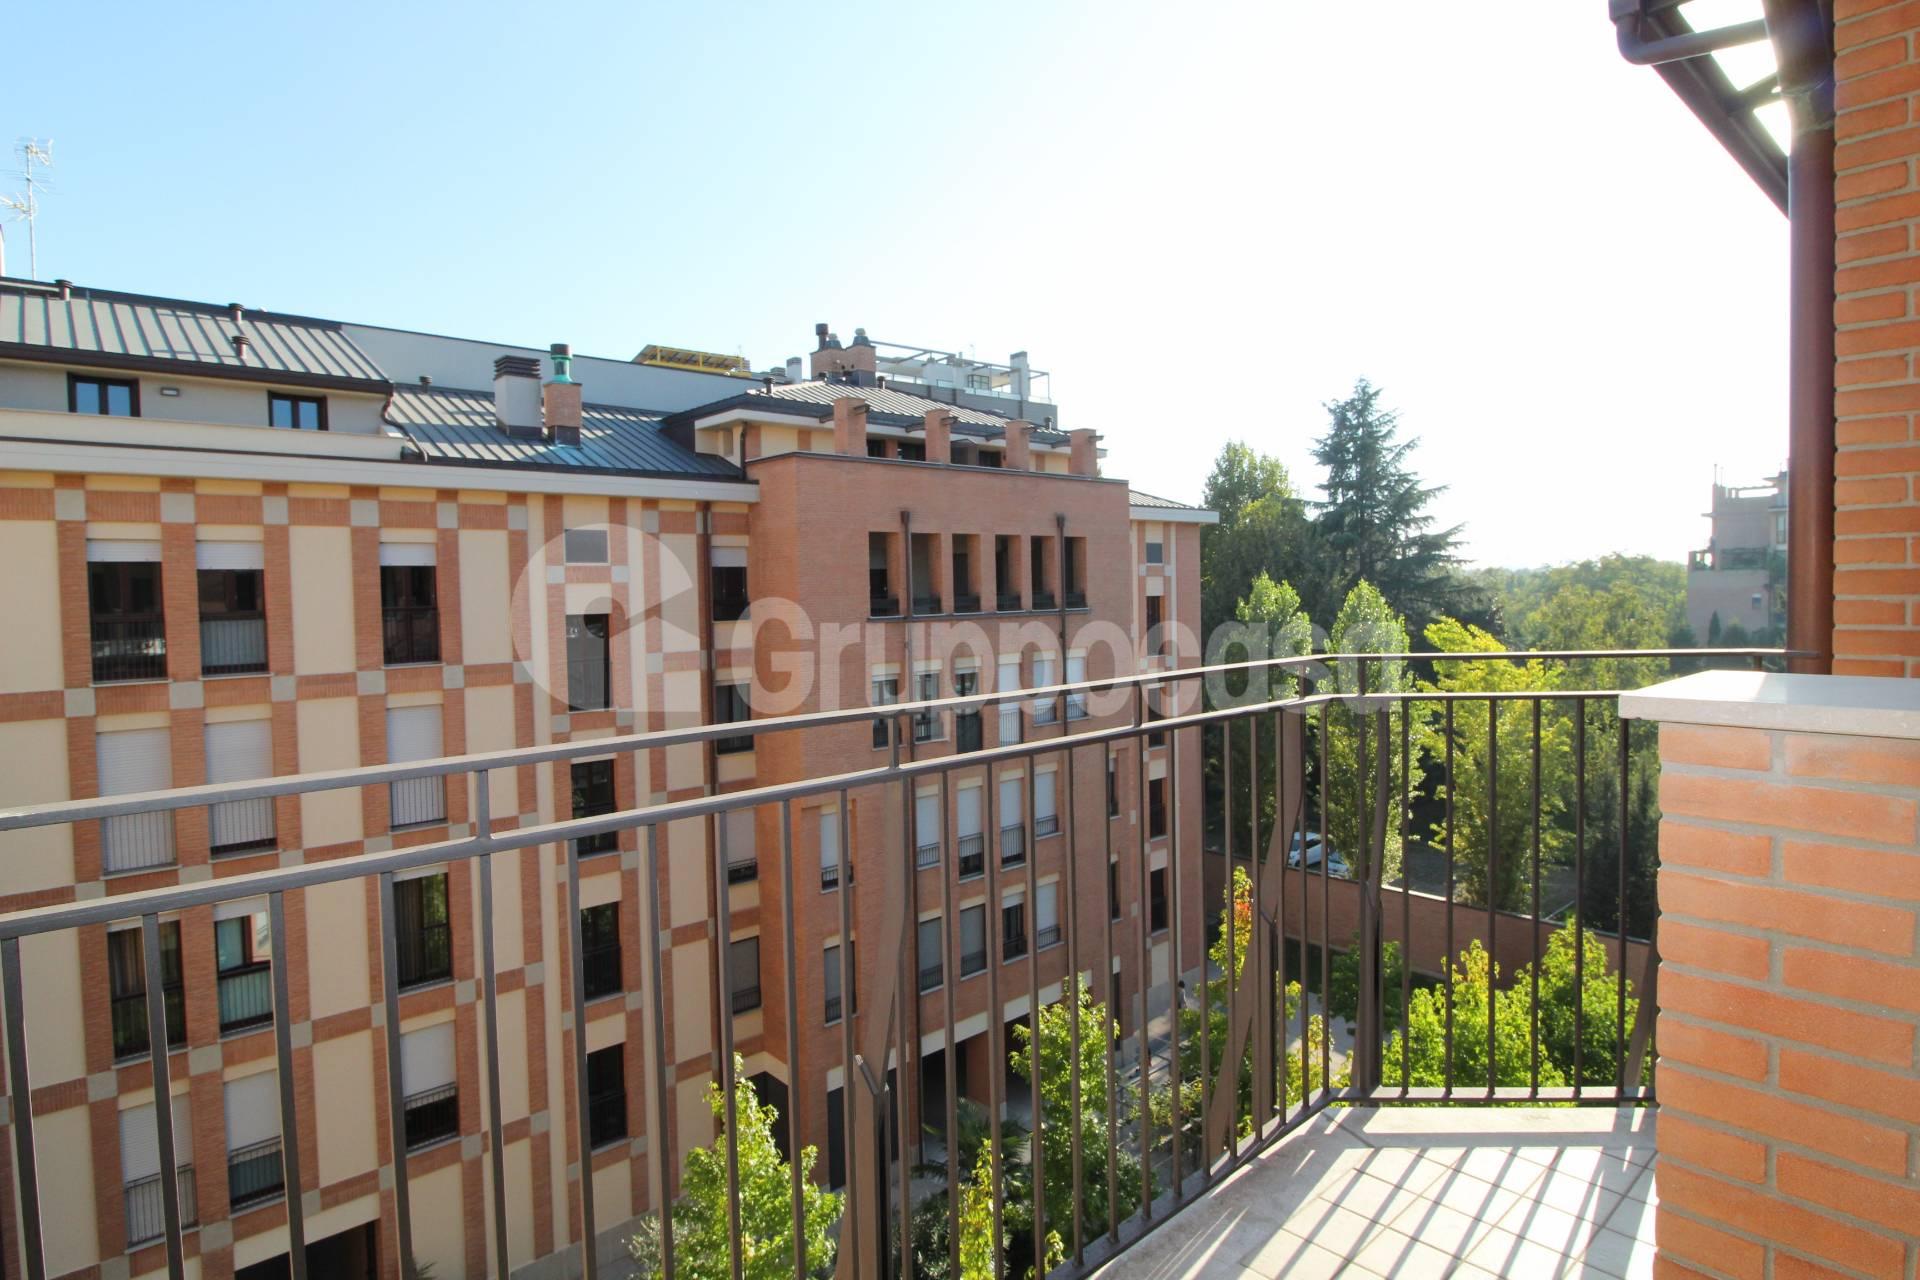 Appartamento in Vendita a Milano 30 Niguarda / Bovisasca / Testi / Bruzzano / Affori / Comasina:  5 locali, 200 mq  - Foto 1